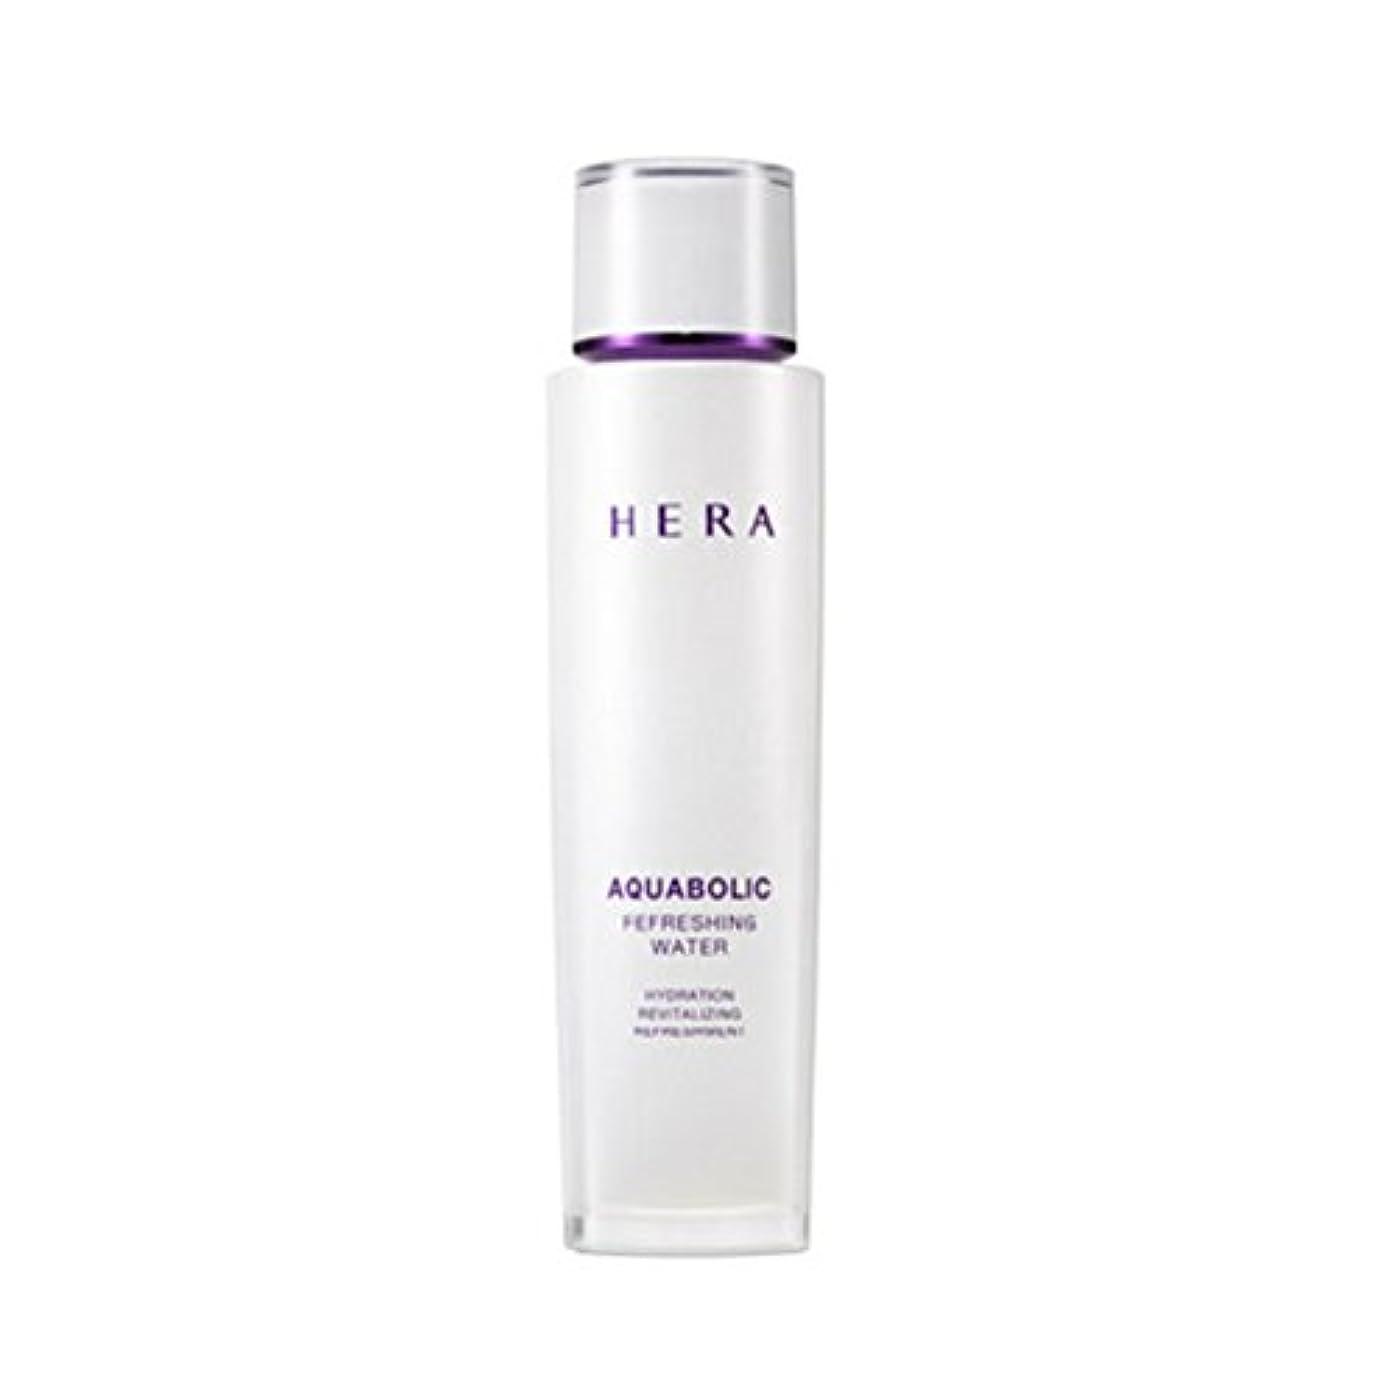 より平らな一時解雇するアラブサラボ(ヘラ) HERA アクアボリック リフレッシングウォーター (化粧水) 150ml / Aquabolic Refreshing Water 150ml (韓国直発送)